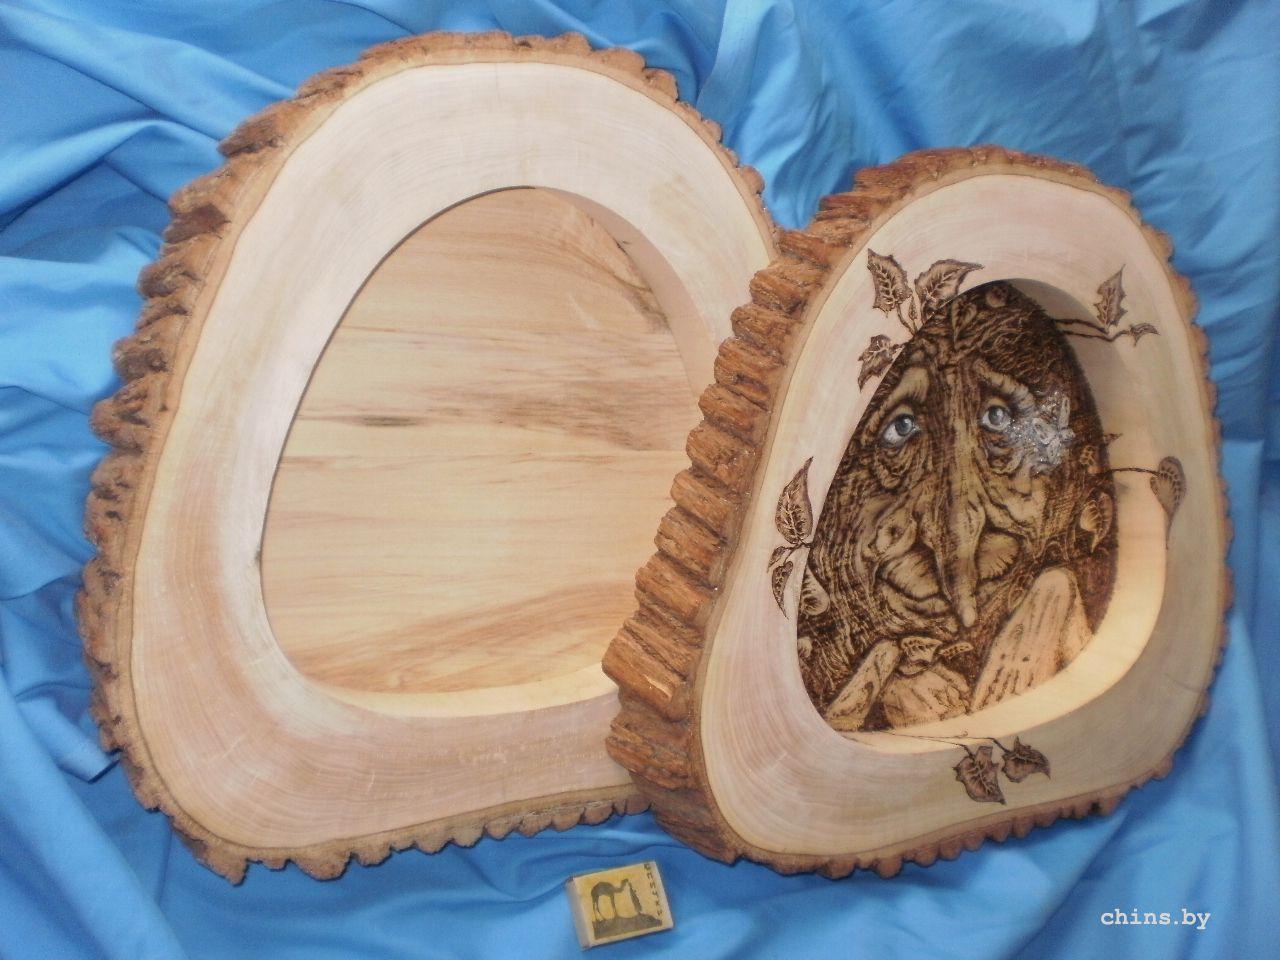 Поделки из дерева с выжиганием 32